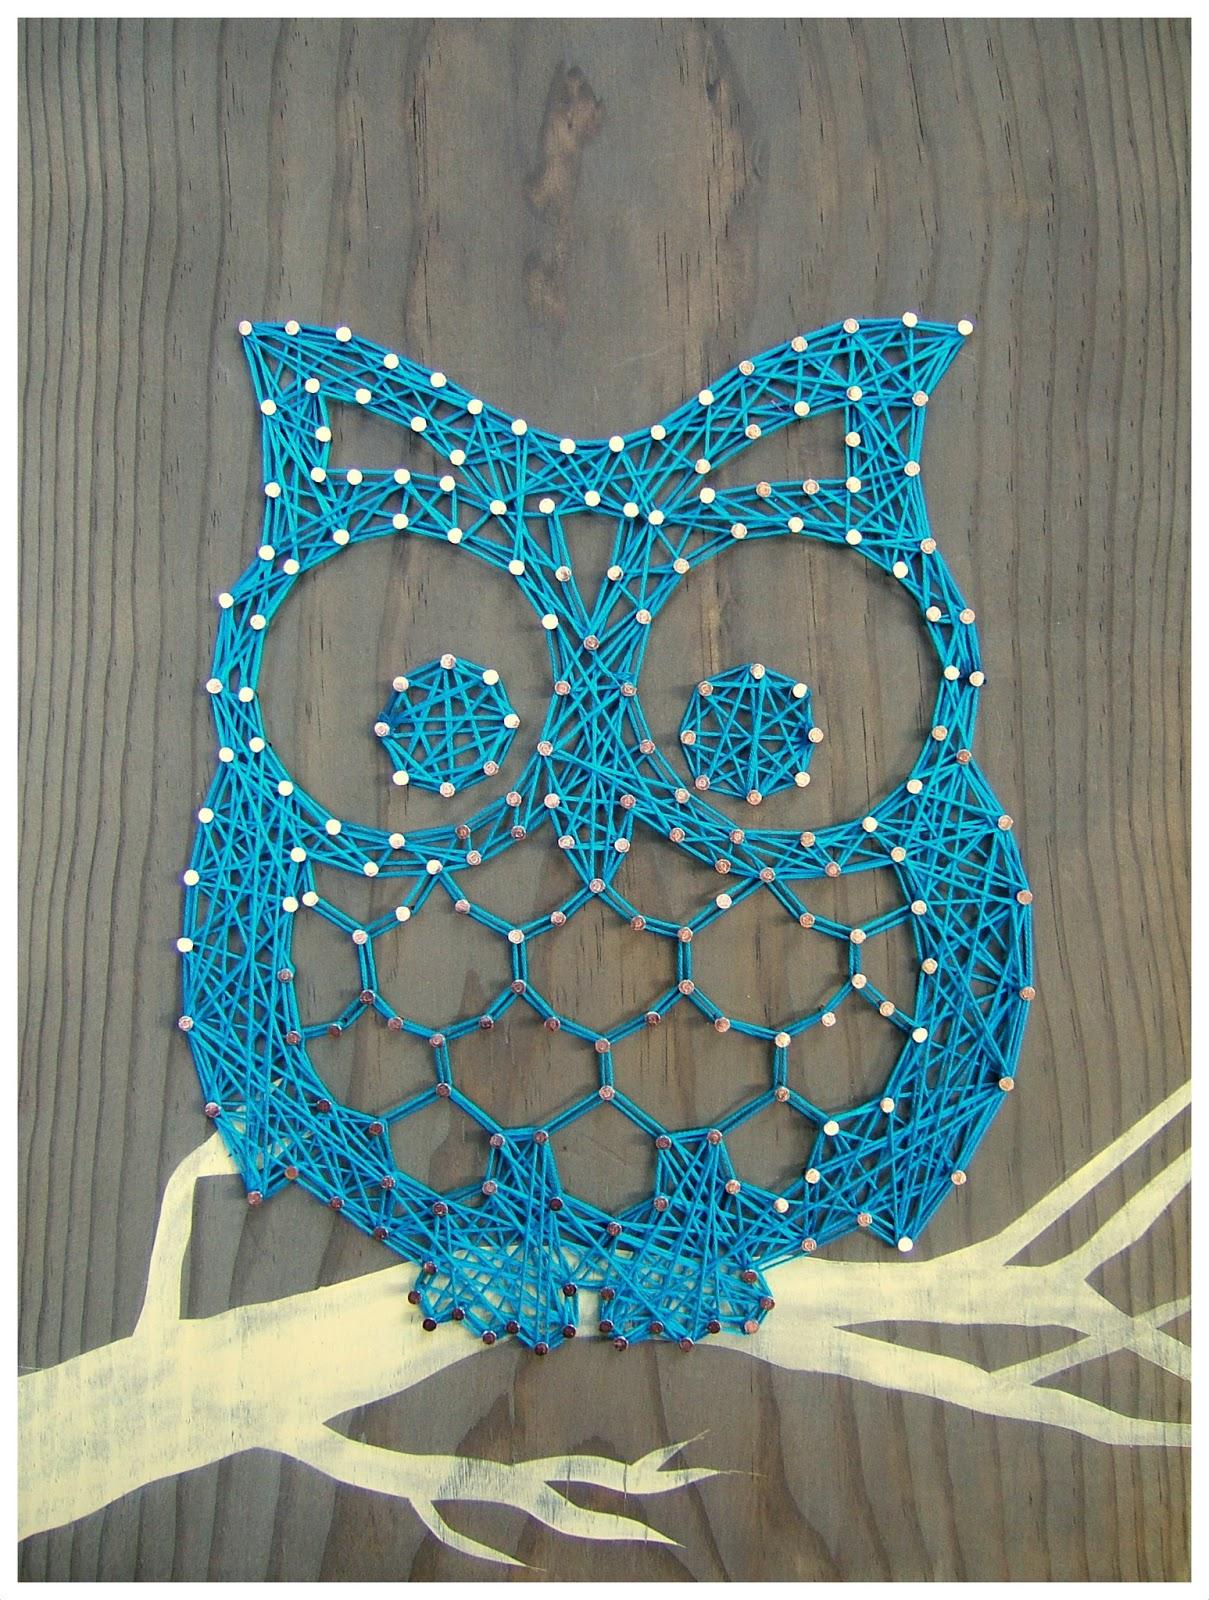 string art otis the owl. Black Bedroom Furniture Sets. Home Design Ideas